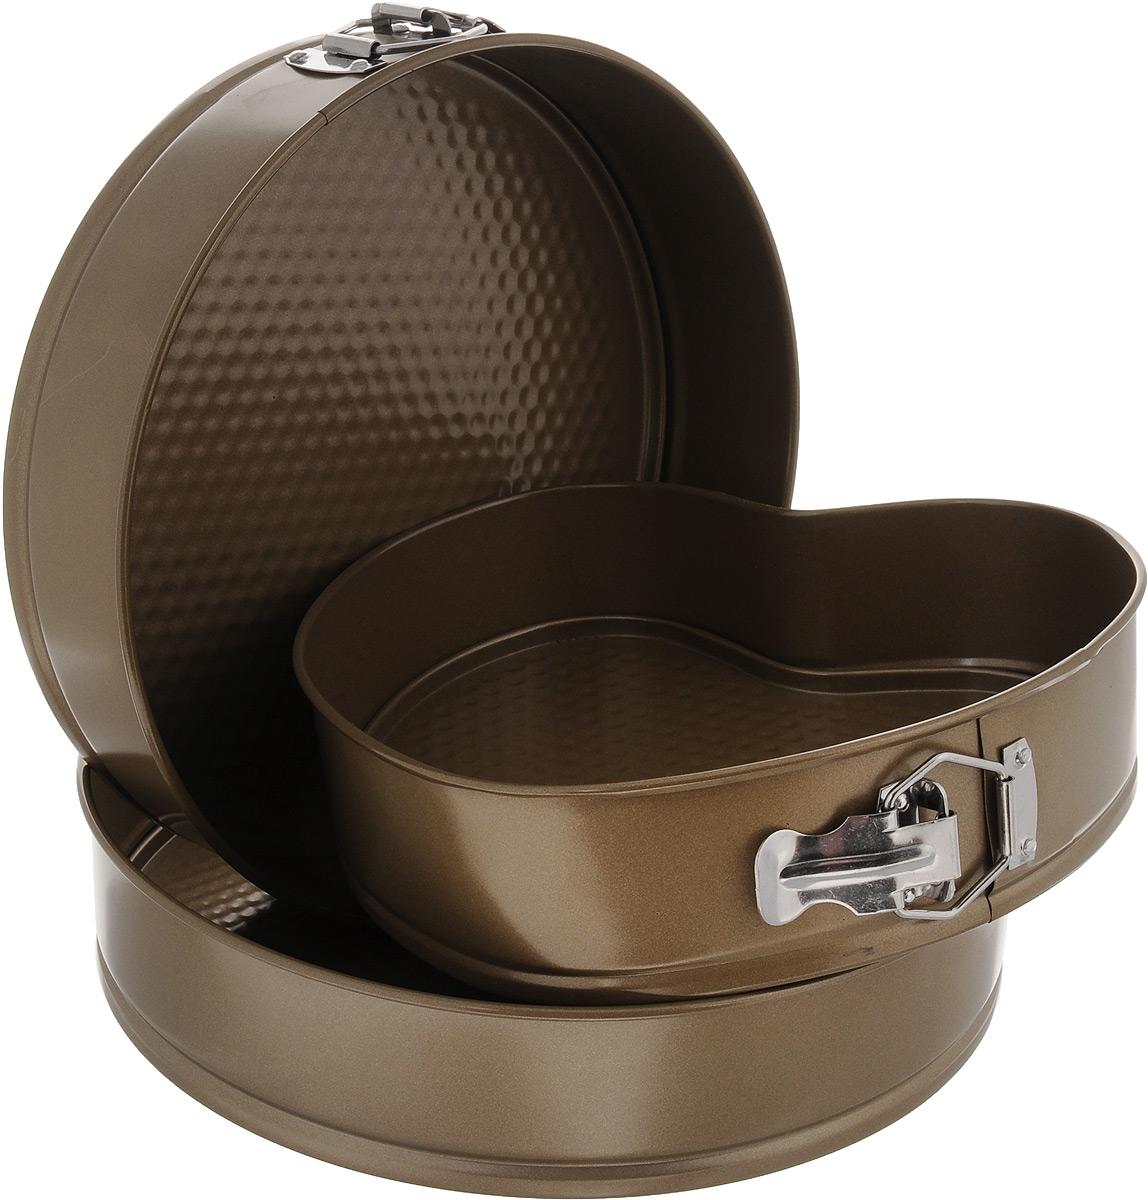 """Набор """"Mayer & Boch"""" состоит из двух круглых форм для выпечки и одной формы в виде сердца, выполненных из высококачественной углеродистой стали. Современное высокотехнологичное антипригарное покрытие предотвращает пригорание выпечки и обеспечивает легкую очистку после использования. Кроме того, формы имеют разъемный механизм и съемное дно, благодаря чему готовое блюдо очень легко вынимать. Изделия складываются друг в друга по принципу """"матрешки"""", поэтому они не займут много места на кухне при хранении.  Формы легкие и удобные в использовании, легко моются. С ними готовить любимые блюда станет еще проще. Подходят для использования в духовом шкафу и хранения пищи в холодильнике. Не предназначены для СВЧ-печей. Диаметр круглых форм: 26 см, 28 см. Высота стенок: 6,7 см. Размер формы в виде сердца: 23,4 х 23,5 х 6,7 см."""